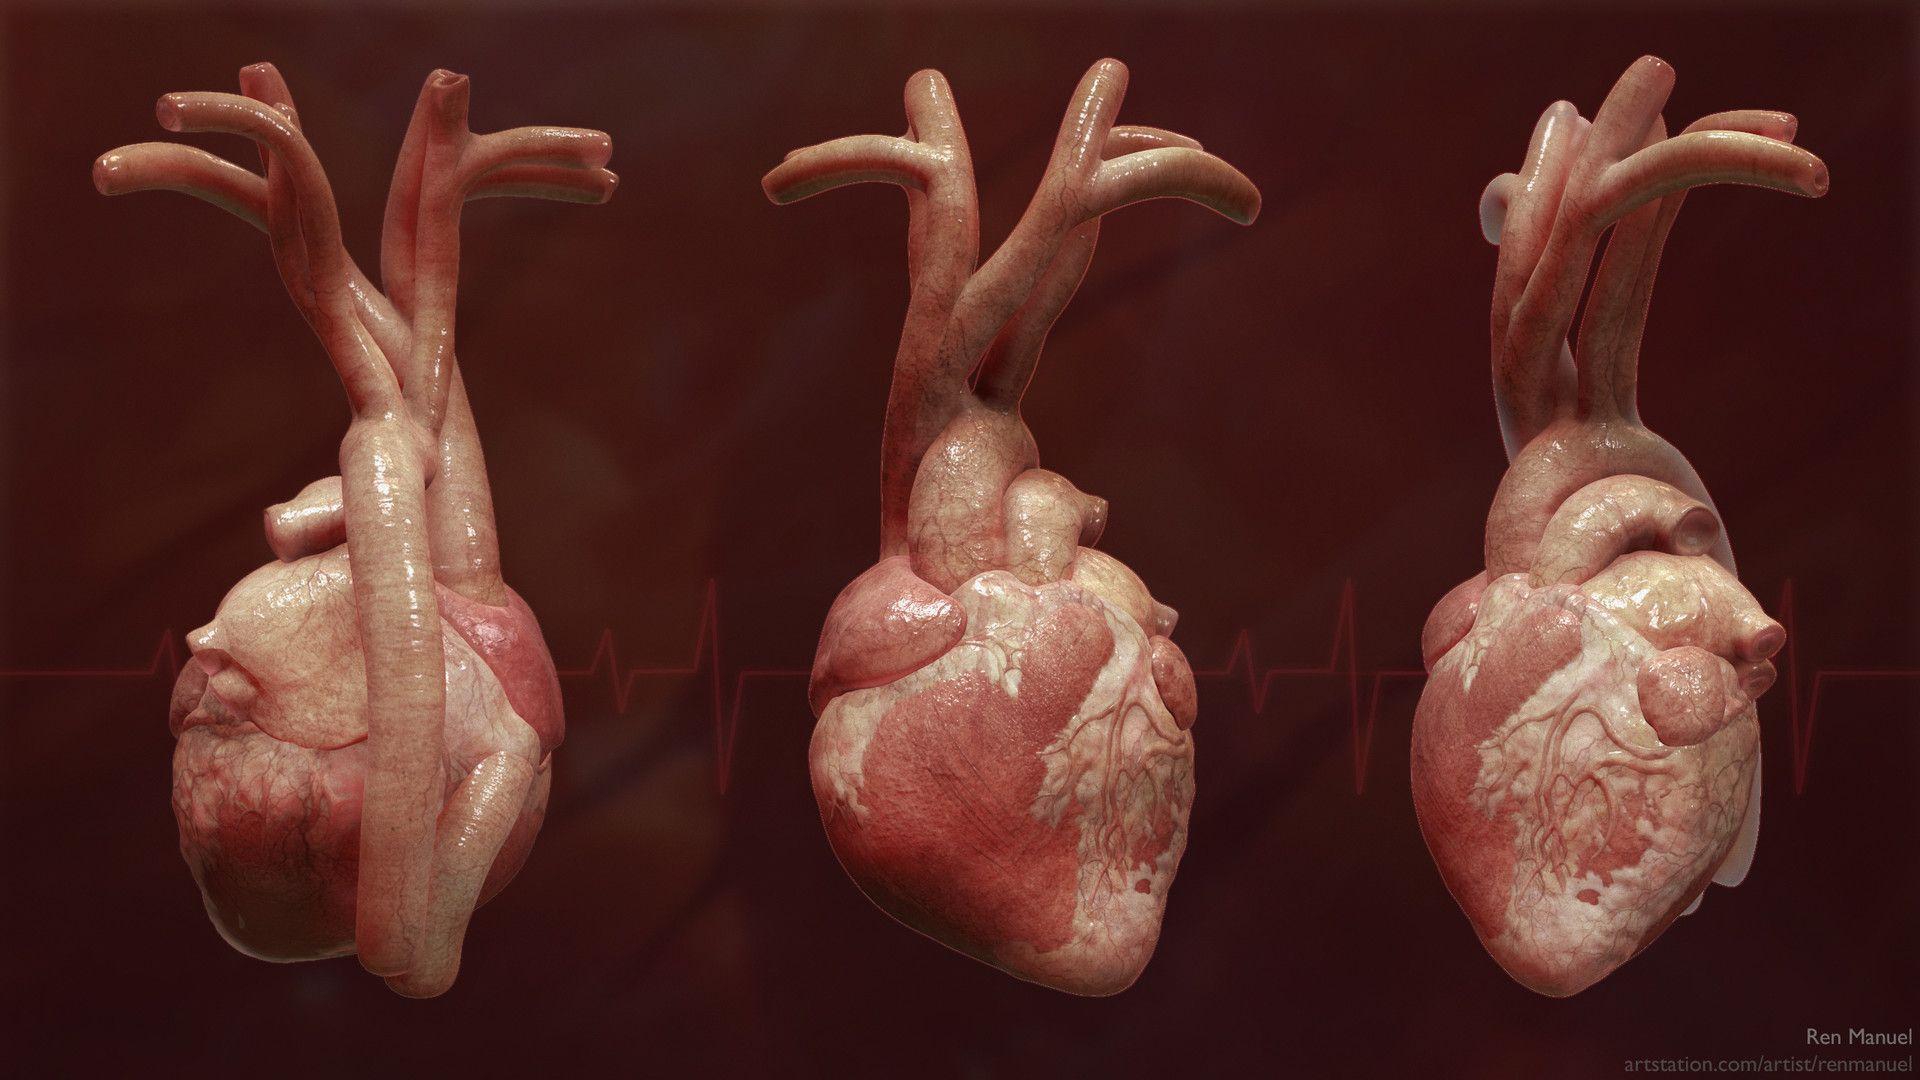 ArtStation - Heart anatomy project, Ren Manuel | Art | Pinterest ...